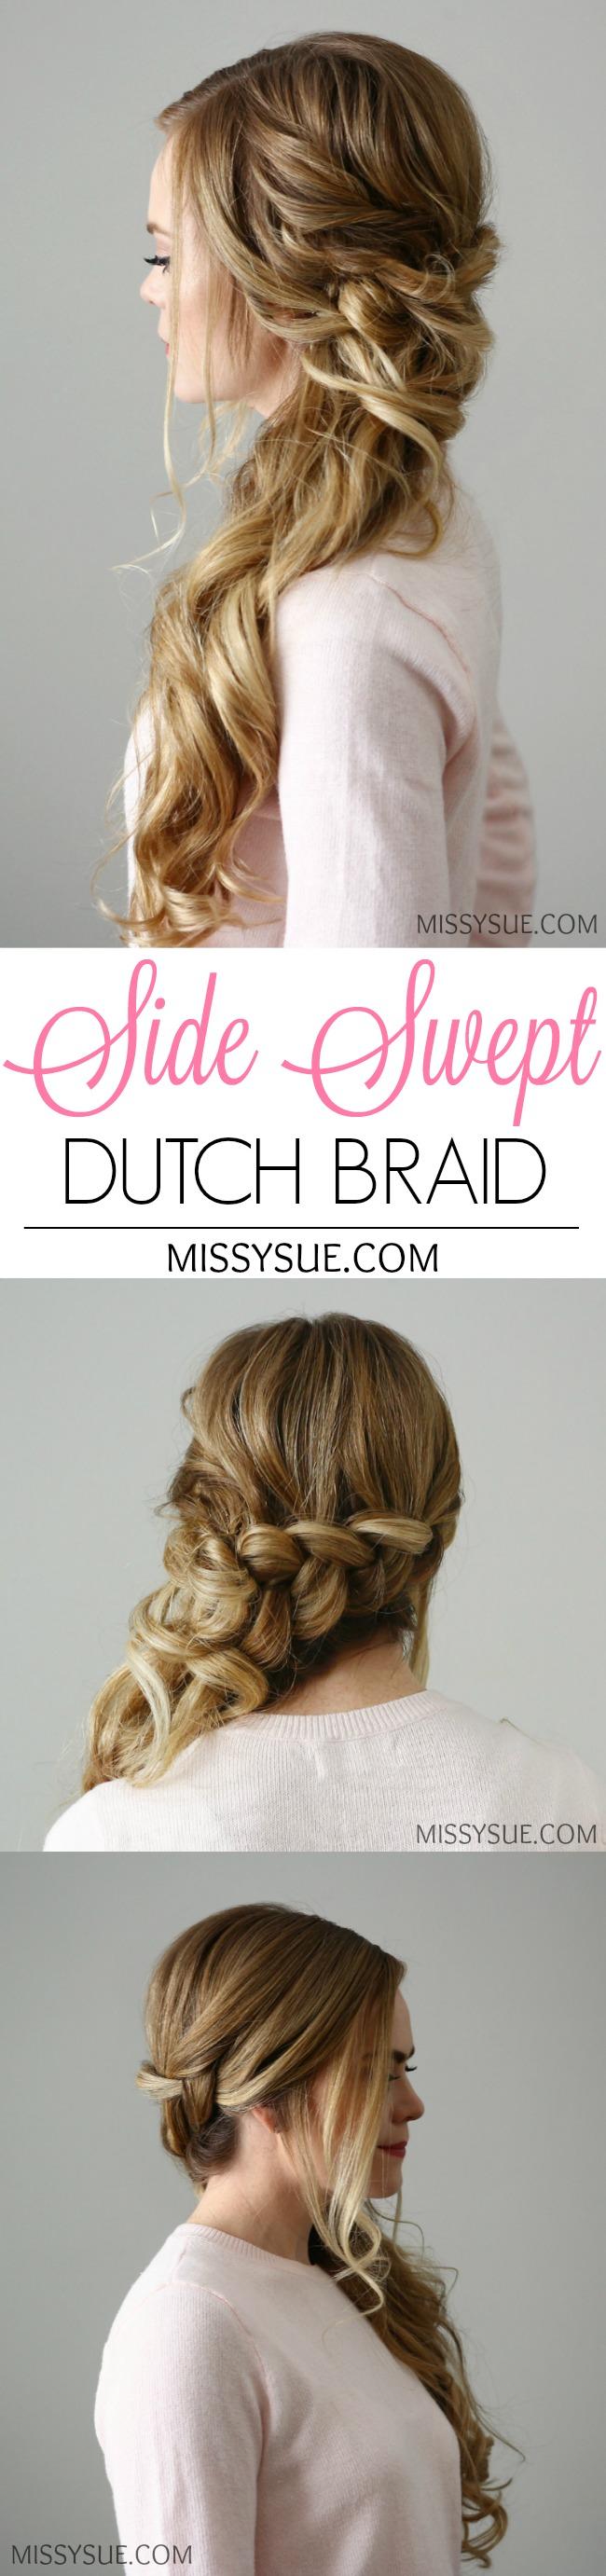 Side Swept Dutch Braid | Missy Sue